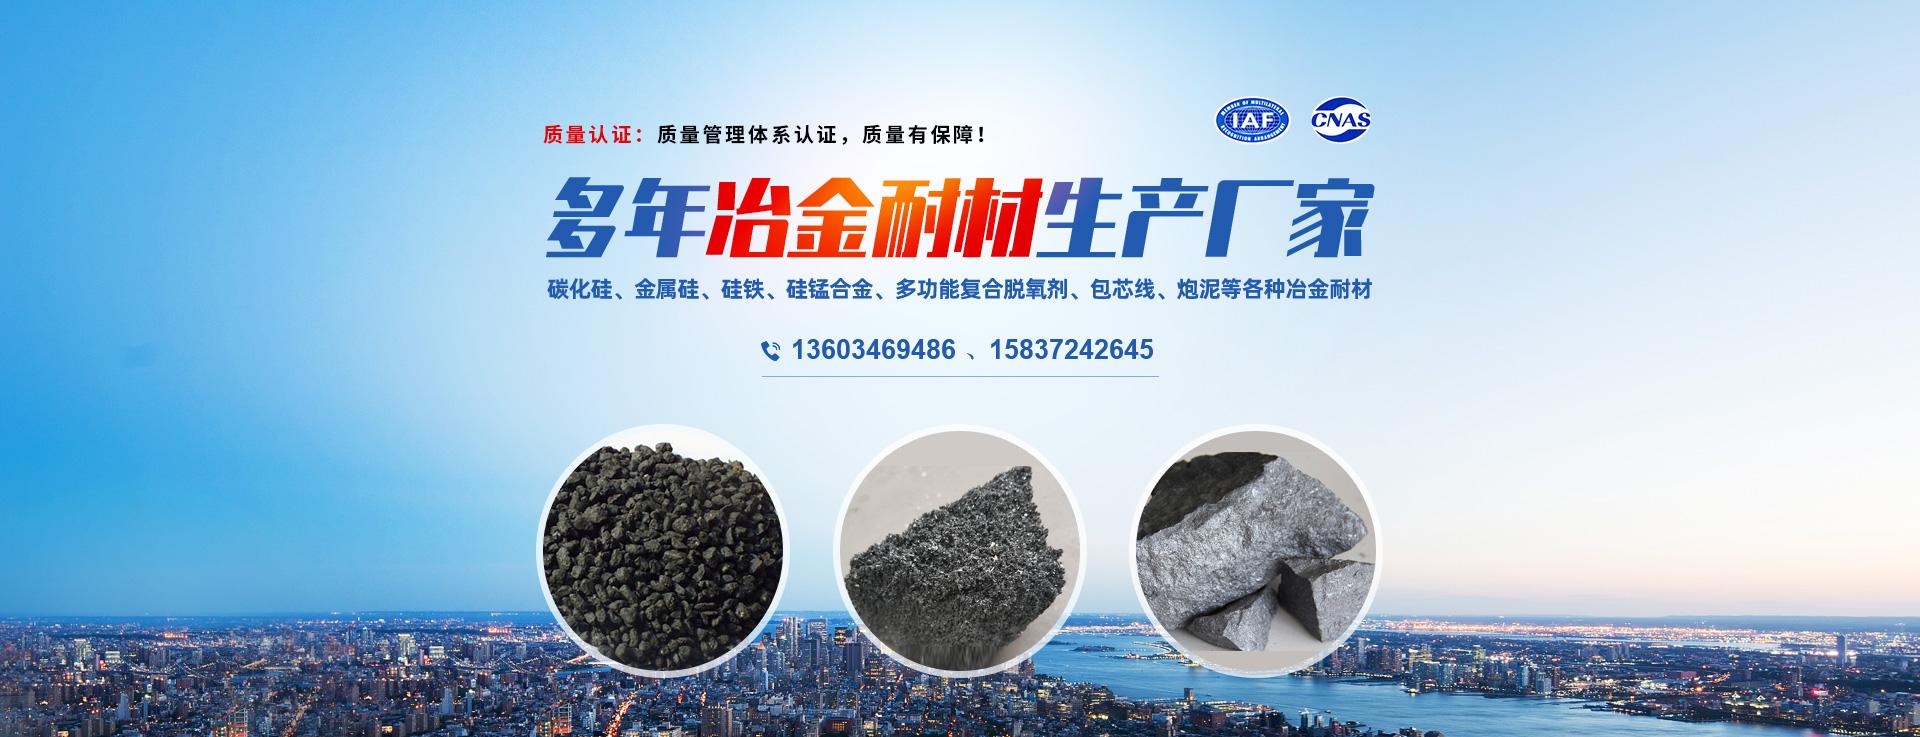 安阳星鑫冶金耐材有限公司_M